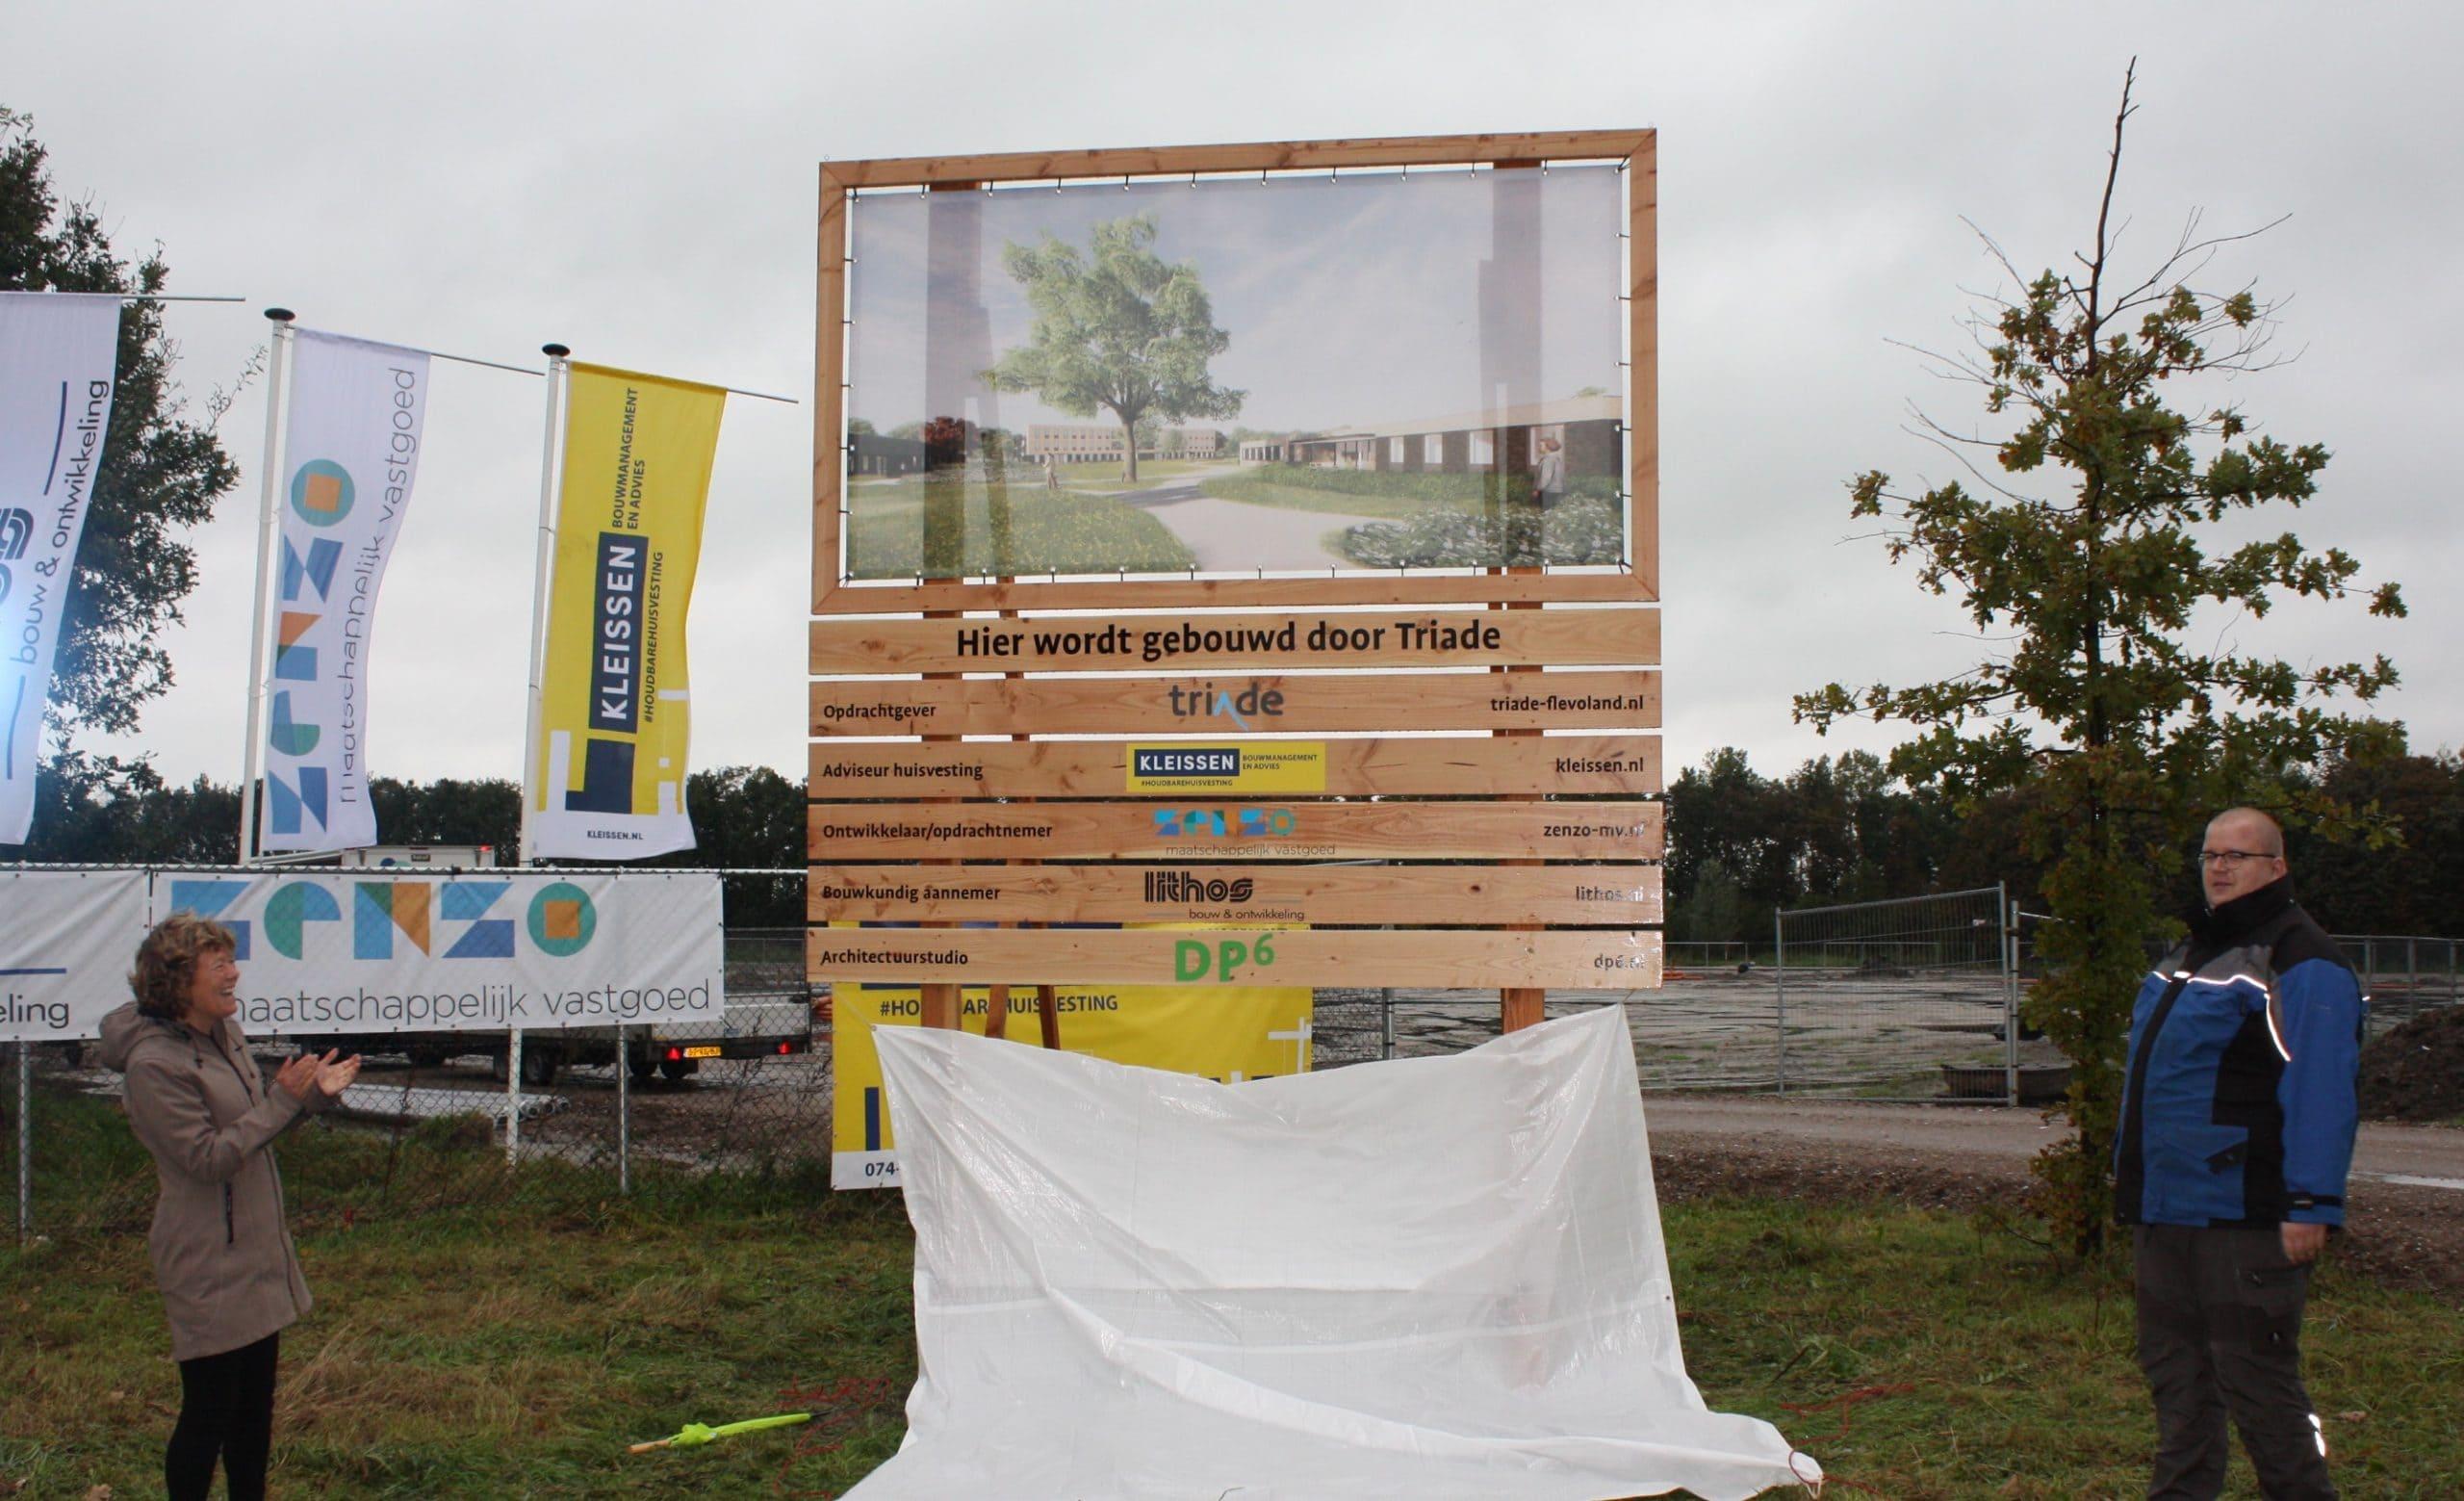 nieuwbouw Triade Sieradenweg - zorgcomplex